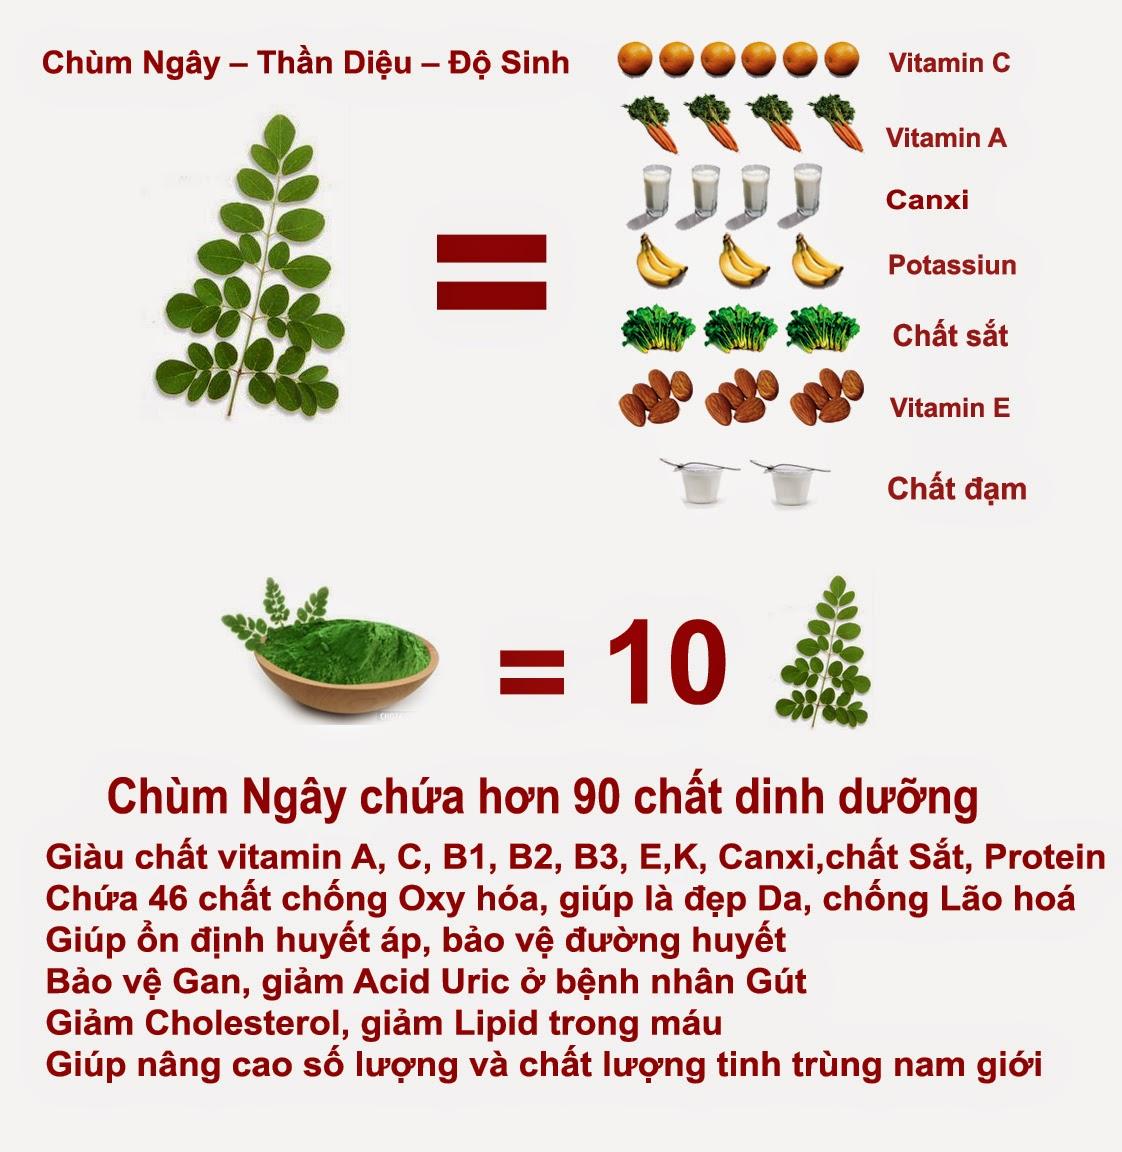 Dinh dưỡng của cây chùm ngây